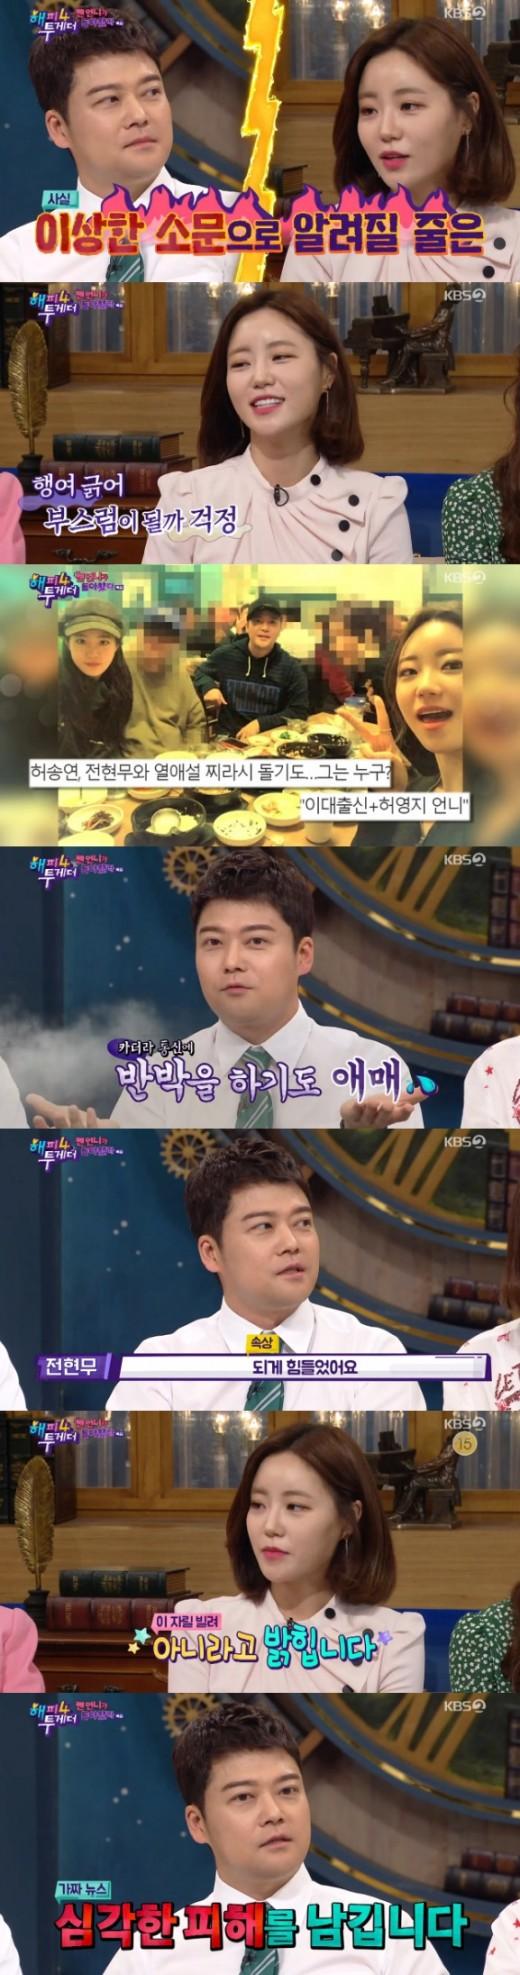 """'해투4' 전현무 """"그때 되게 힘들었다""""…허송연과 열애설 그 후"""